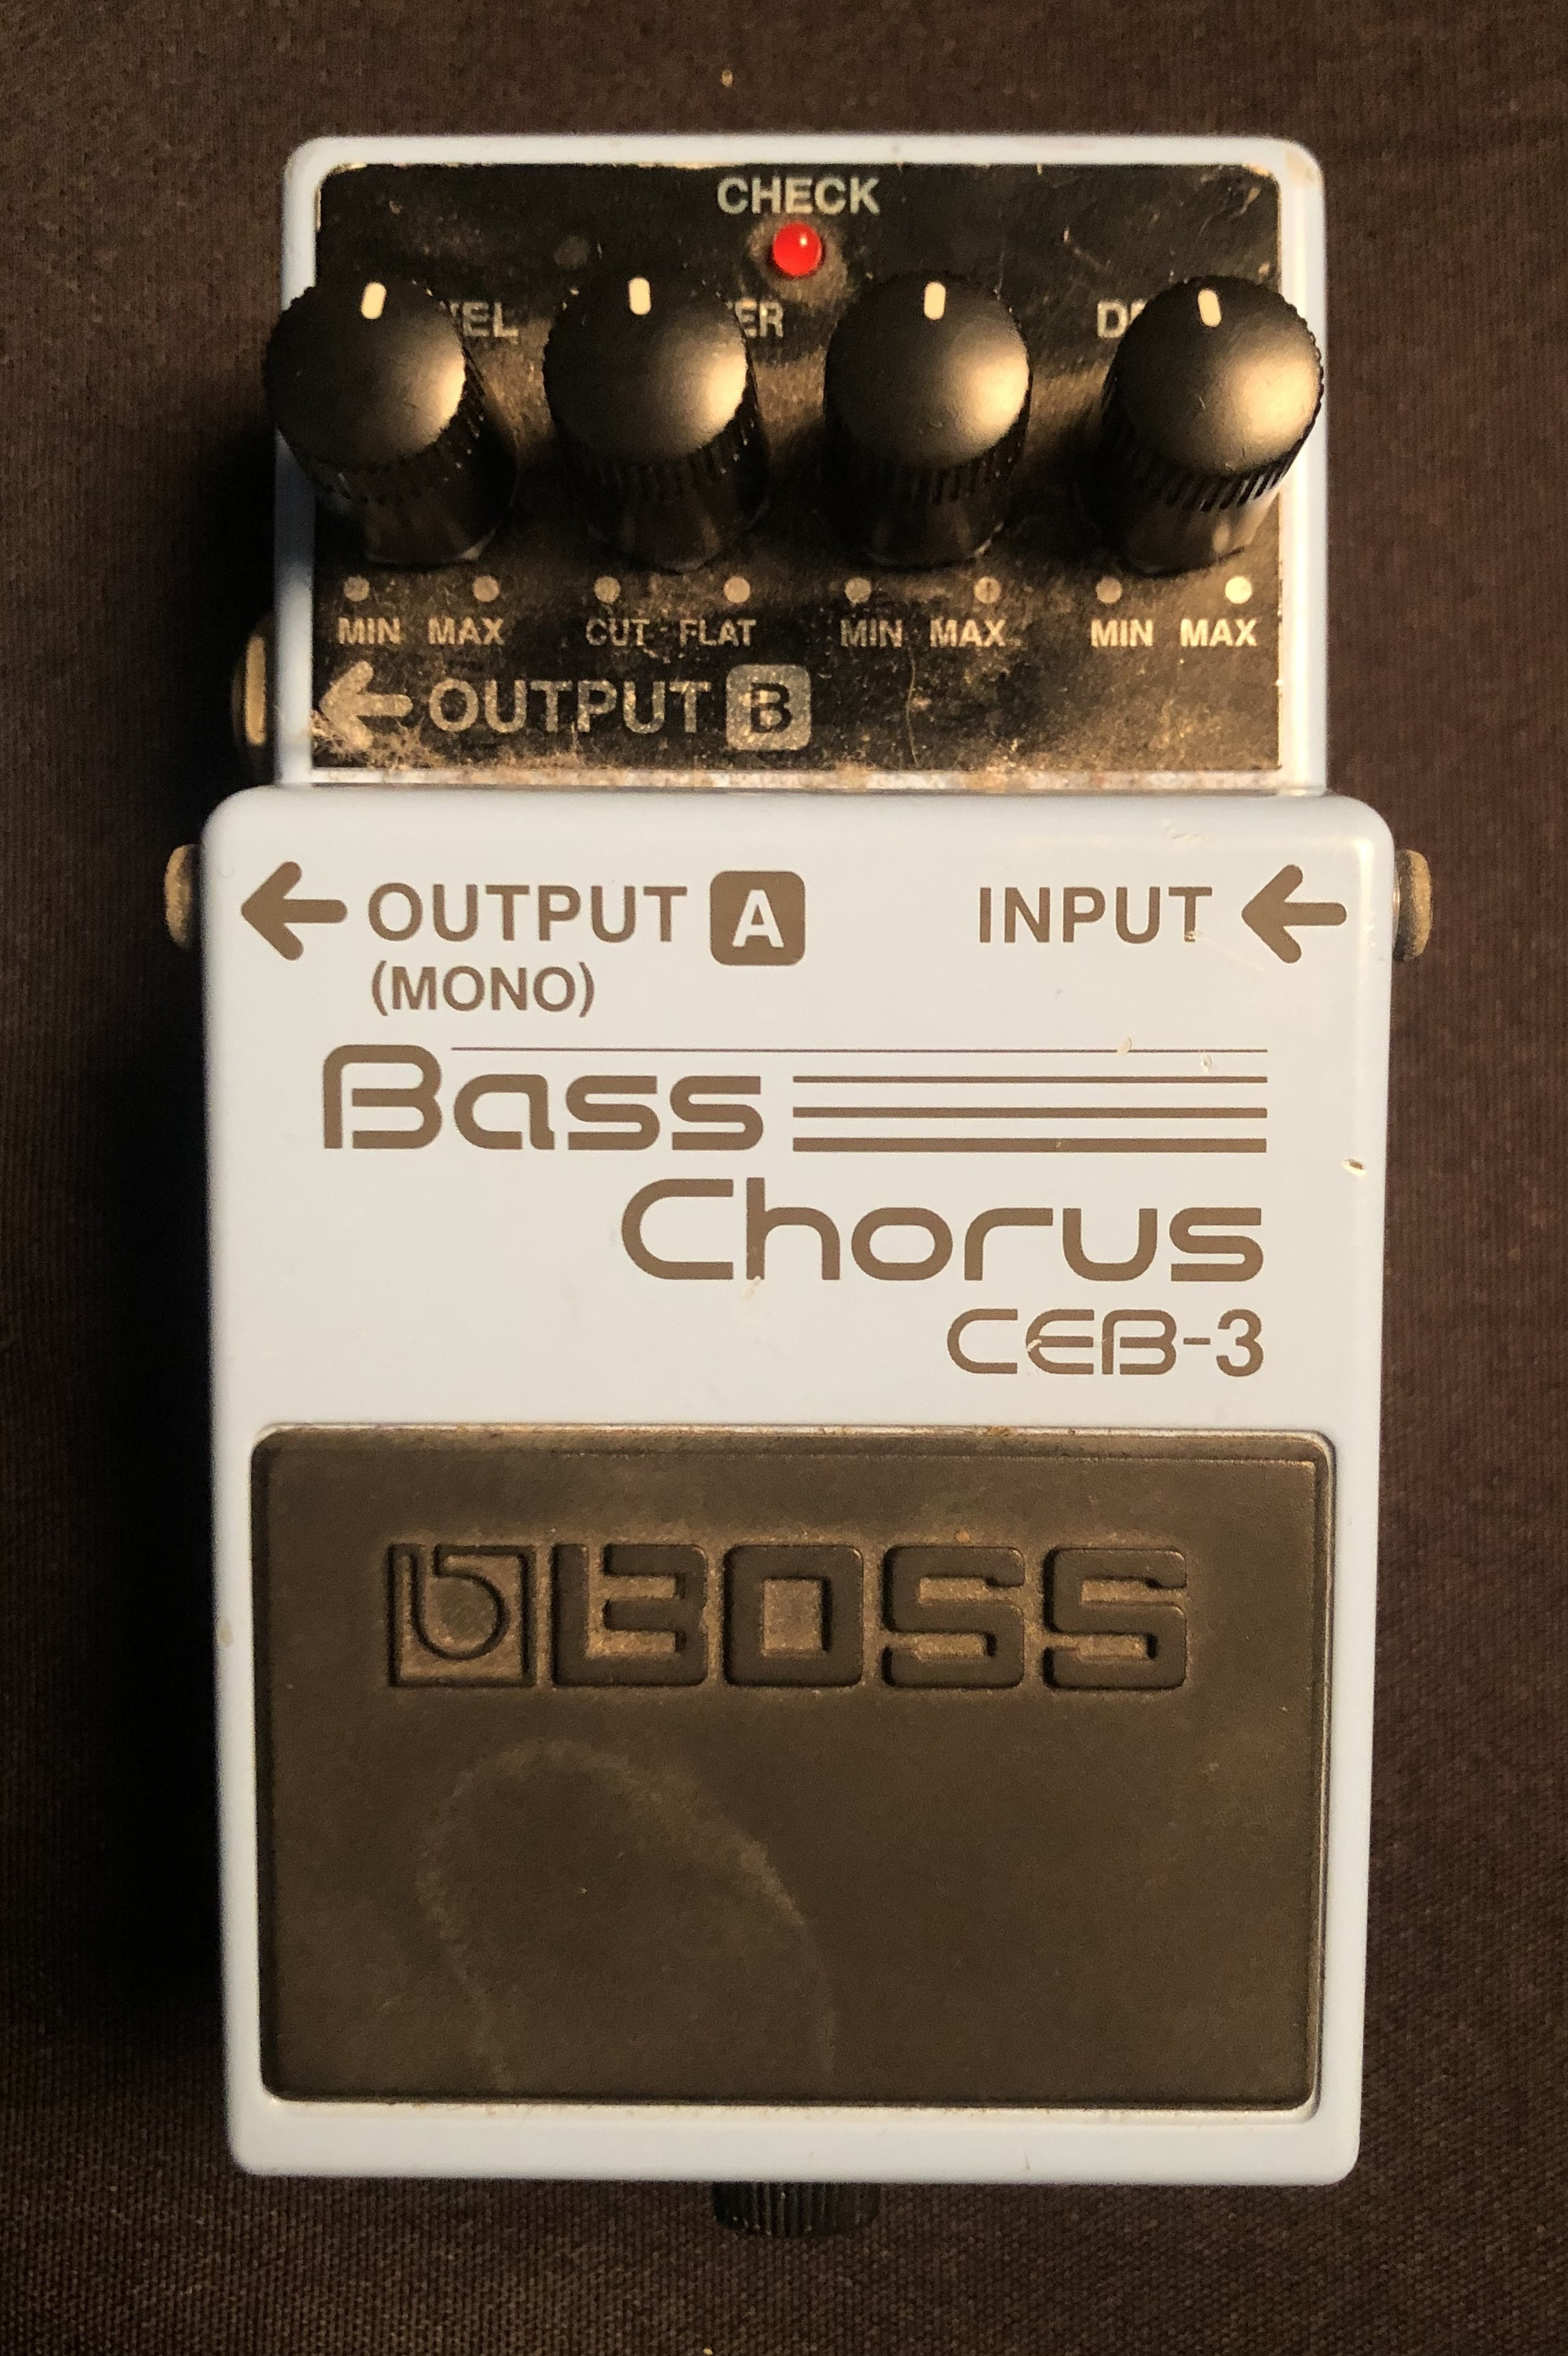 BOSS - CEB-3 Bass Chorus Pedal